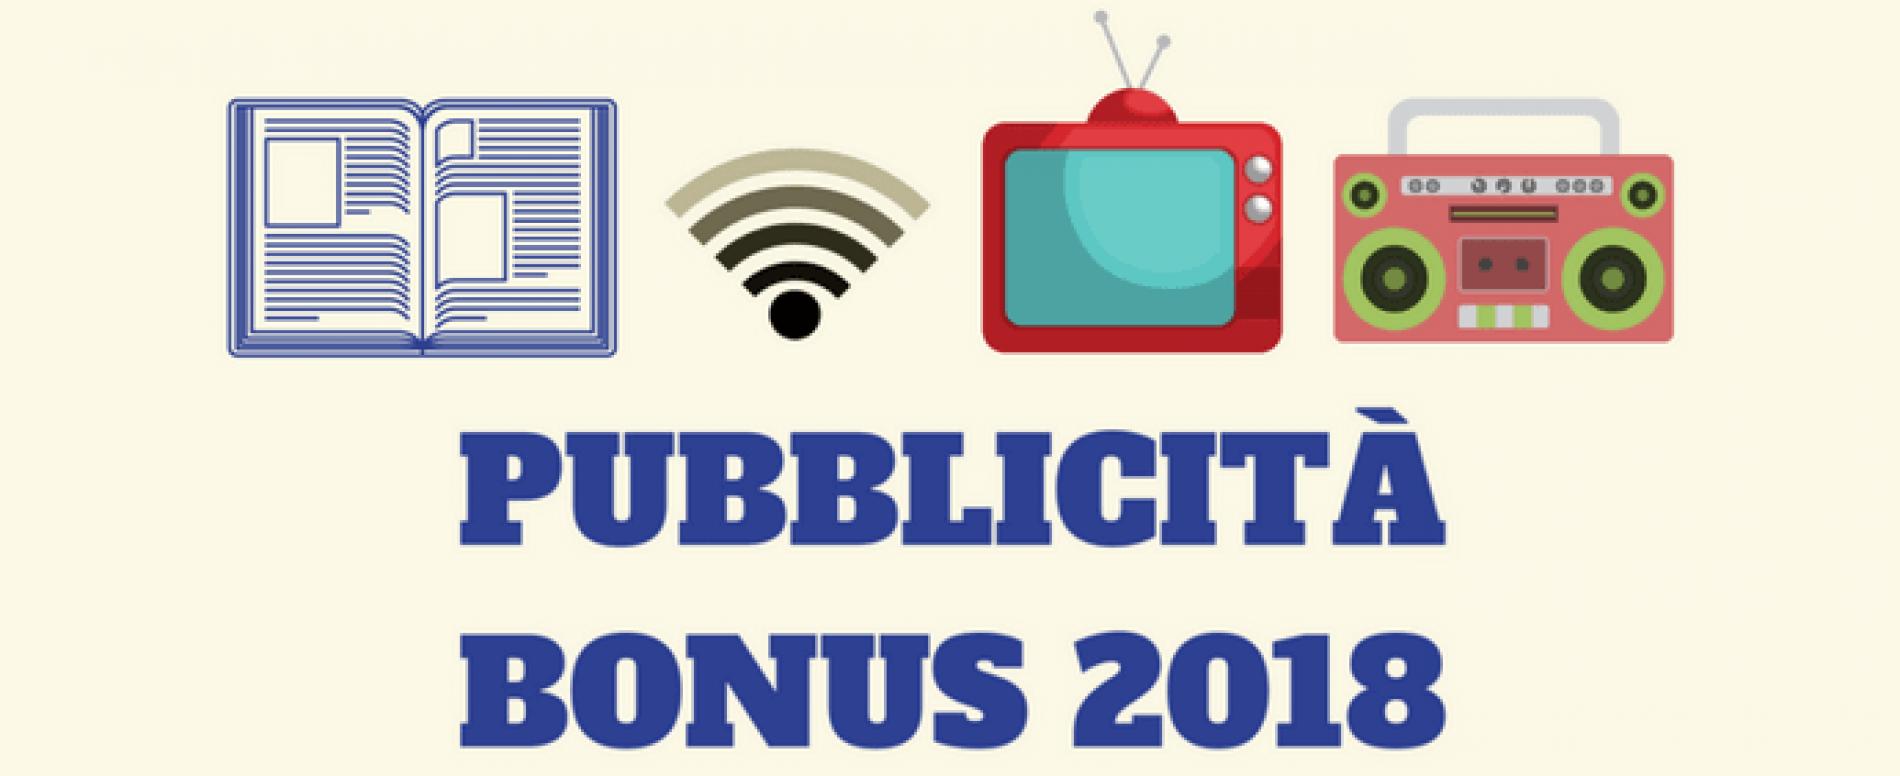 In G.U. il Bonus 2018 per gli investimenti pubblicitari incrementali